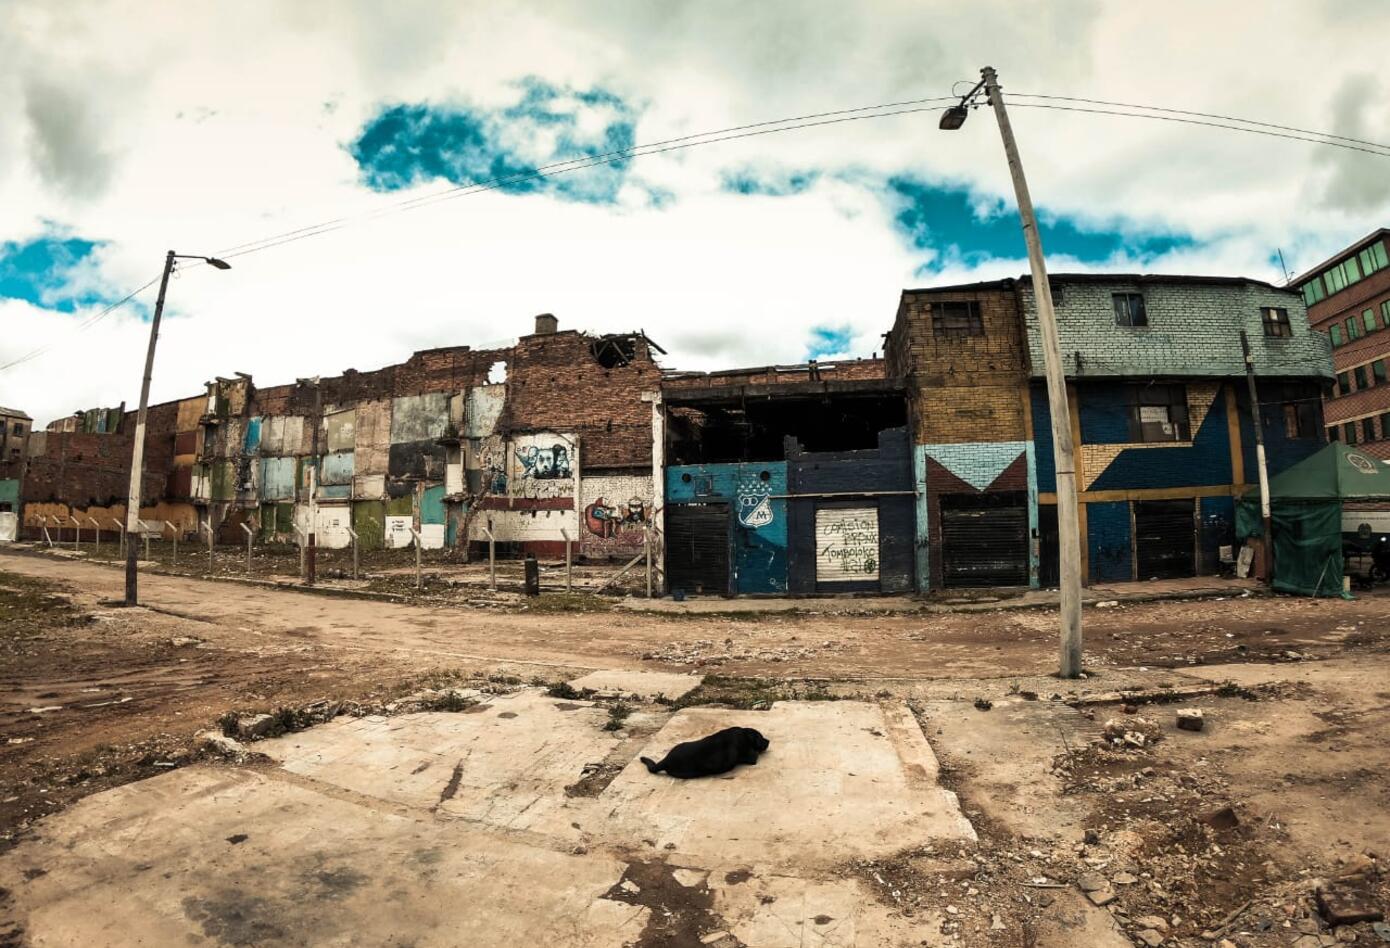 El Bronx, en Bogotá